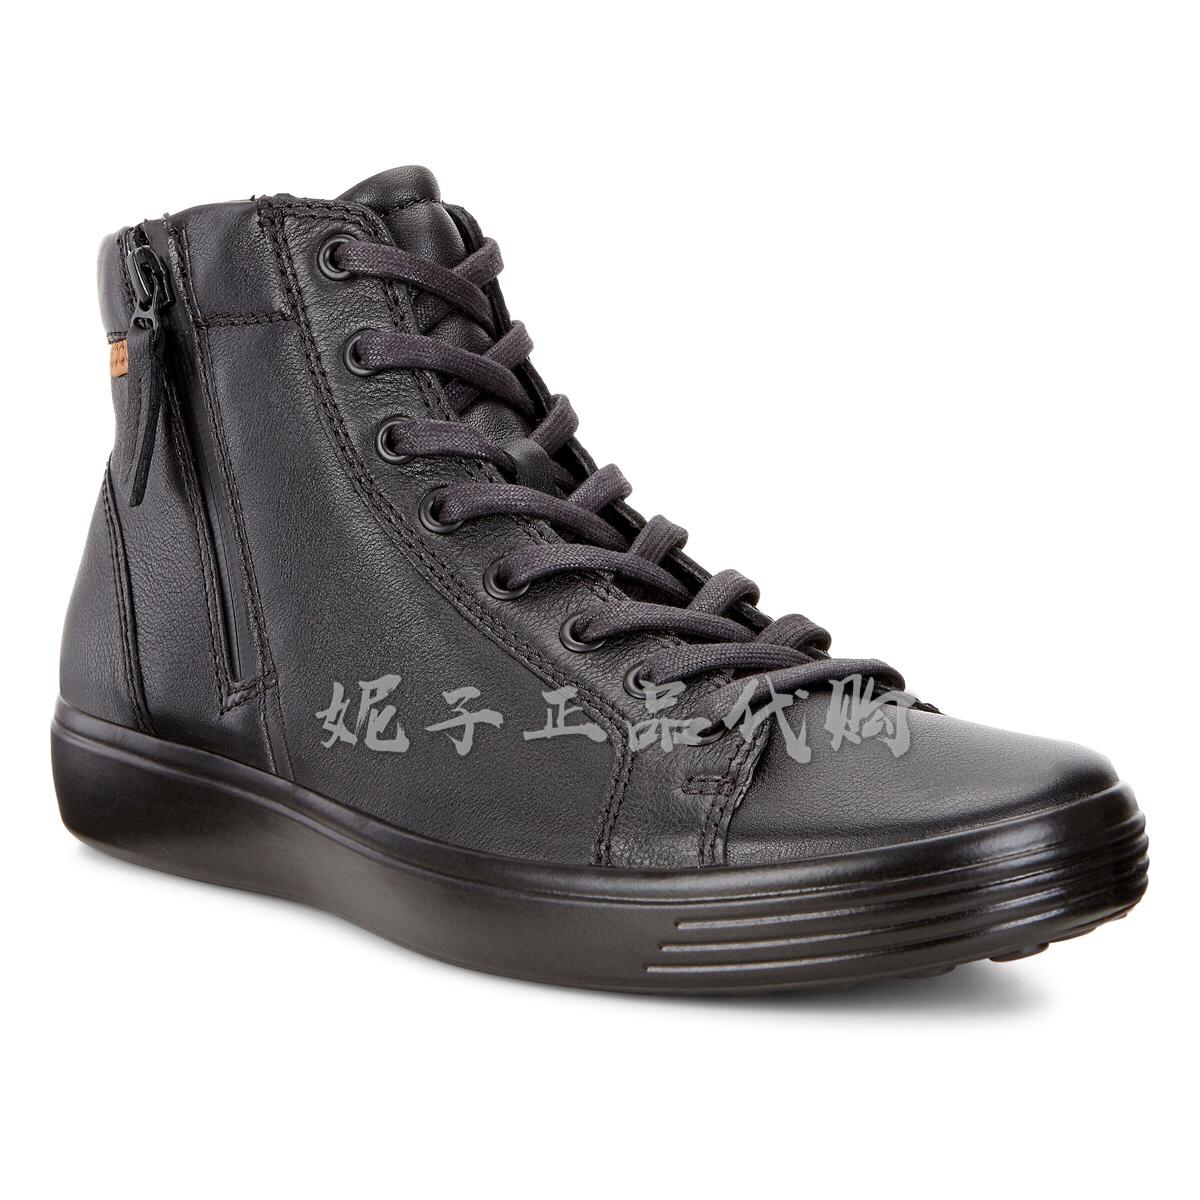 ECCO爱步休闲高帮男鞋 新款时尚系带休闲鞋 柔酷7号430134正品代